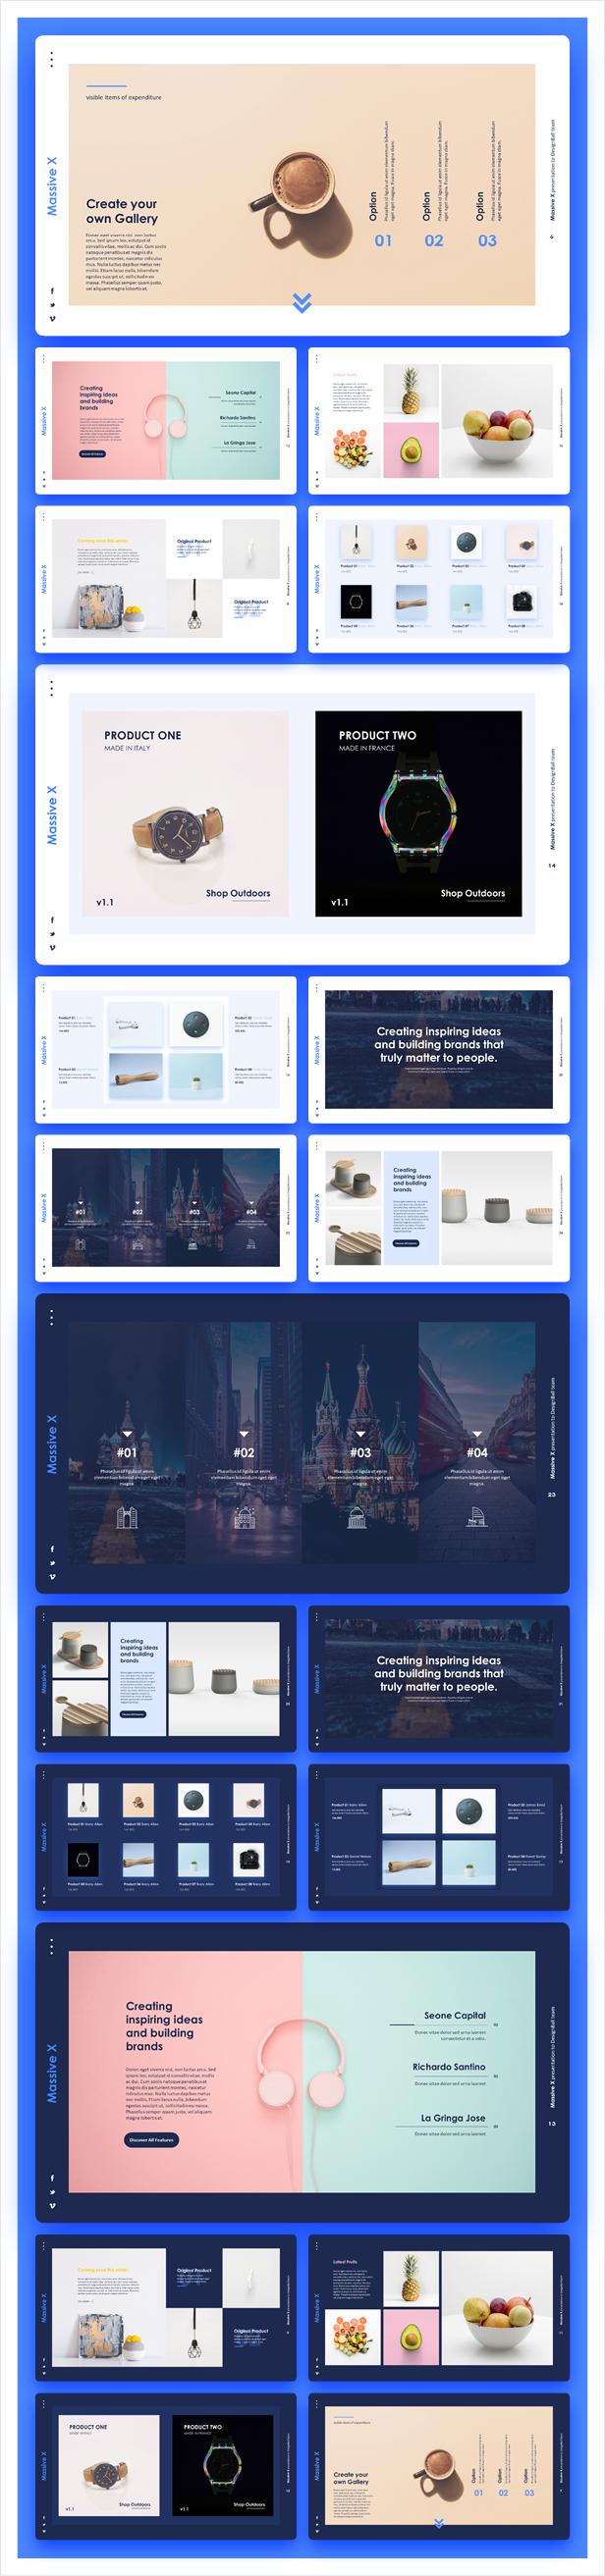 Massive X Presentation Template v.3.1 - 37